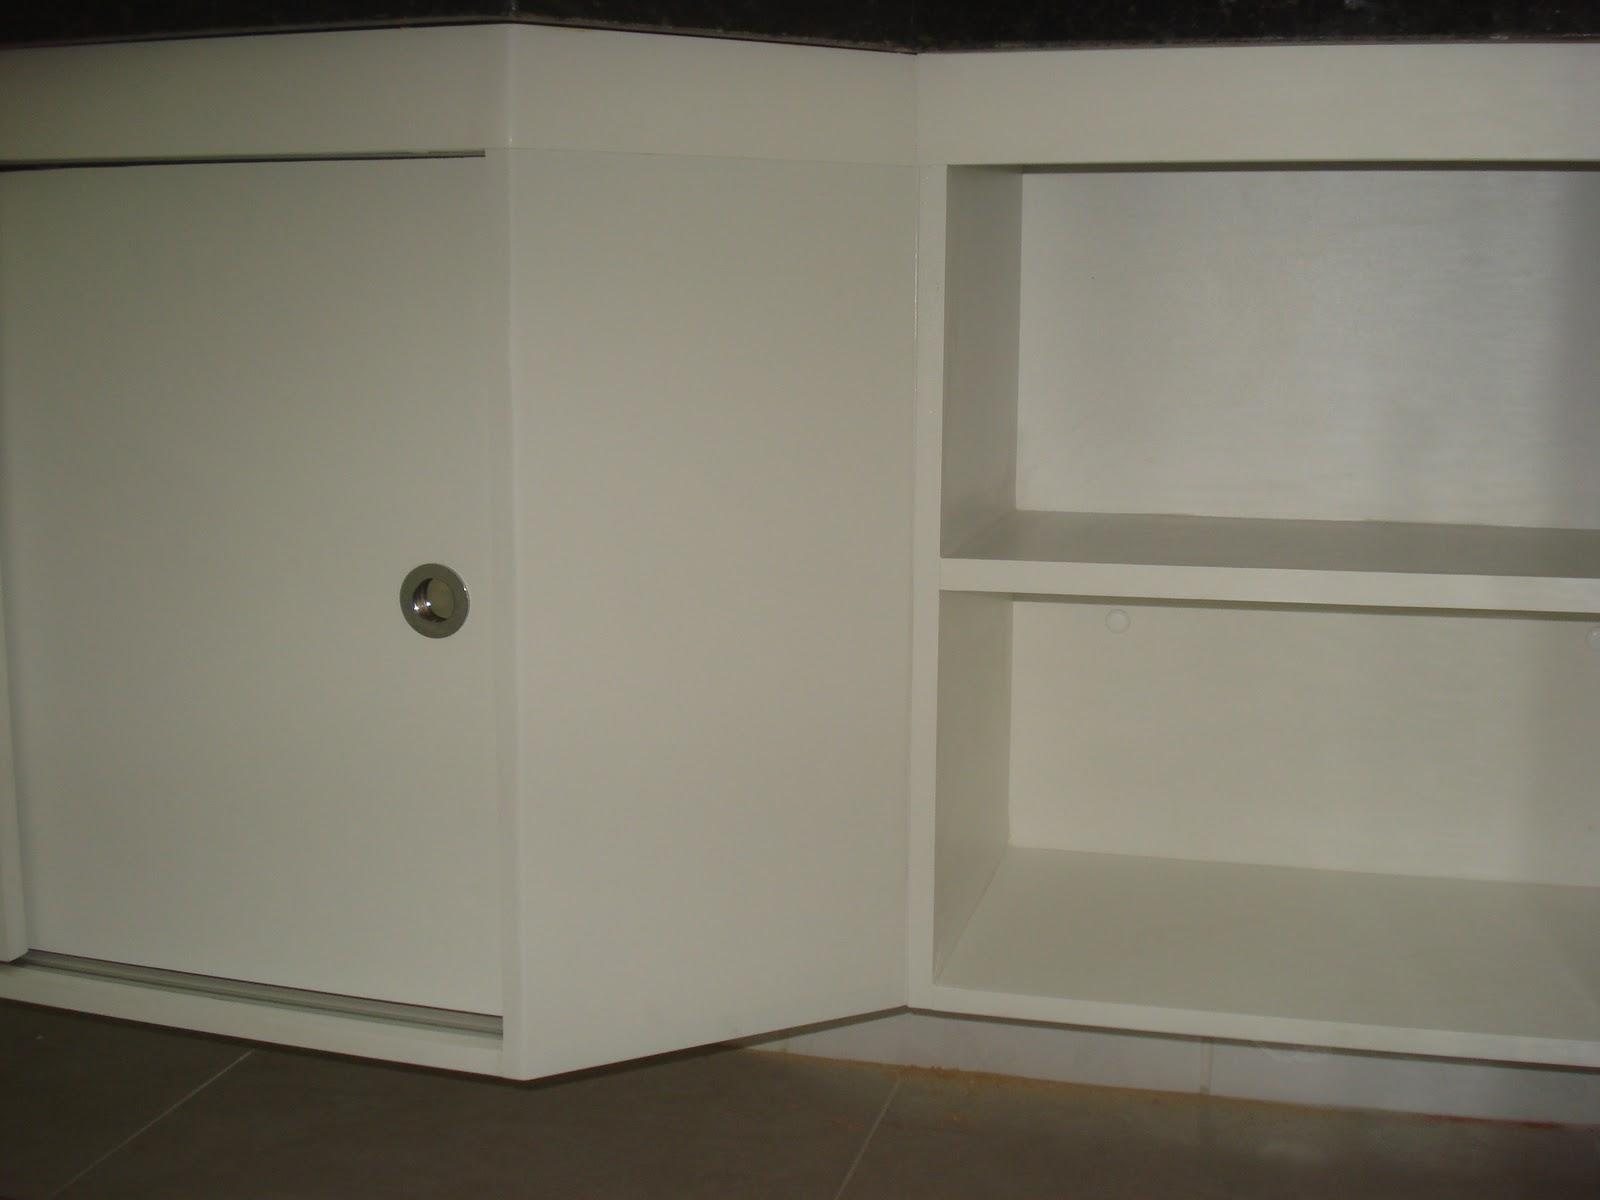 Planejados: Armário de Banheiro Branco com Portas de Correr #594D39 1600x1200 Armario Banheiro Porta De Correr